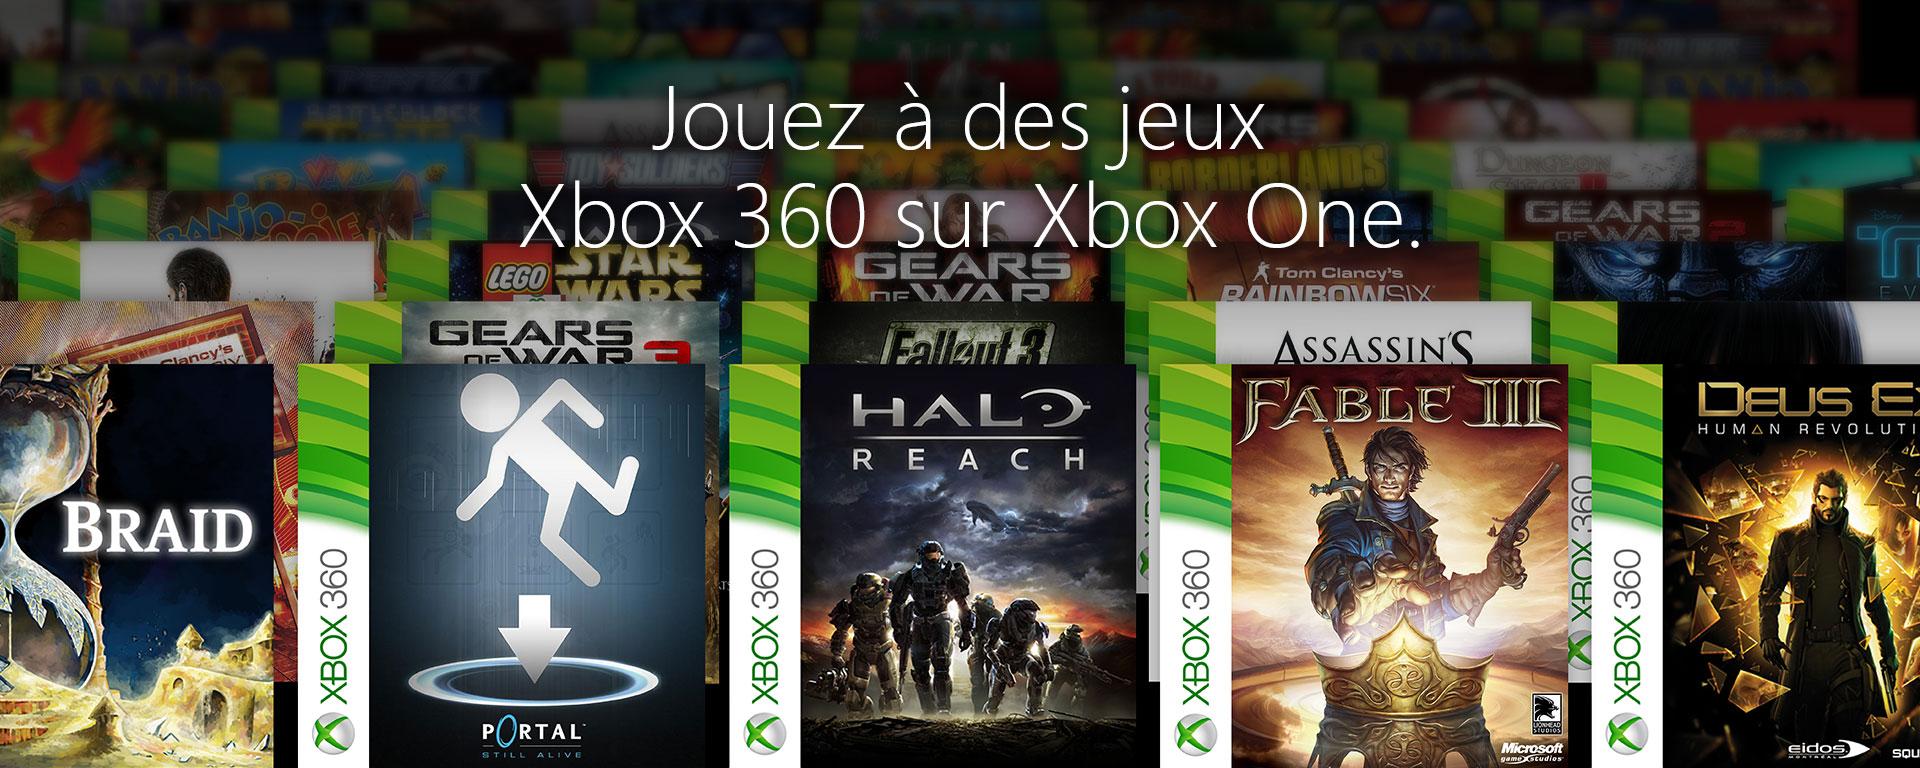 La rétrocompatibilité sur Xbox One est arrivée